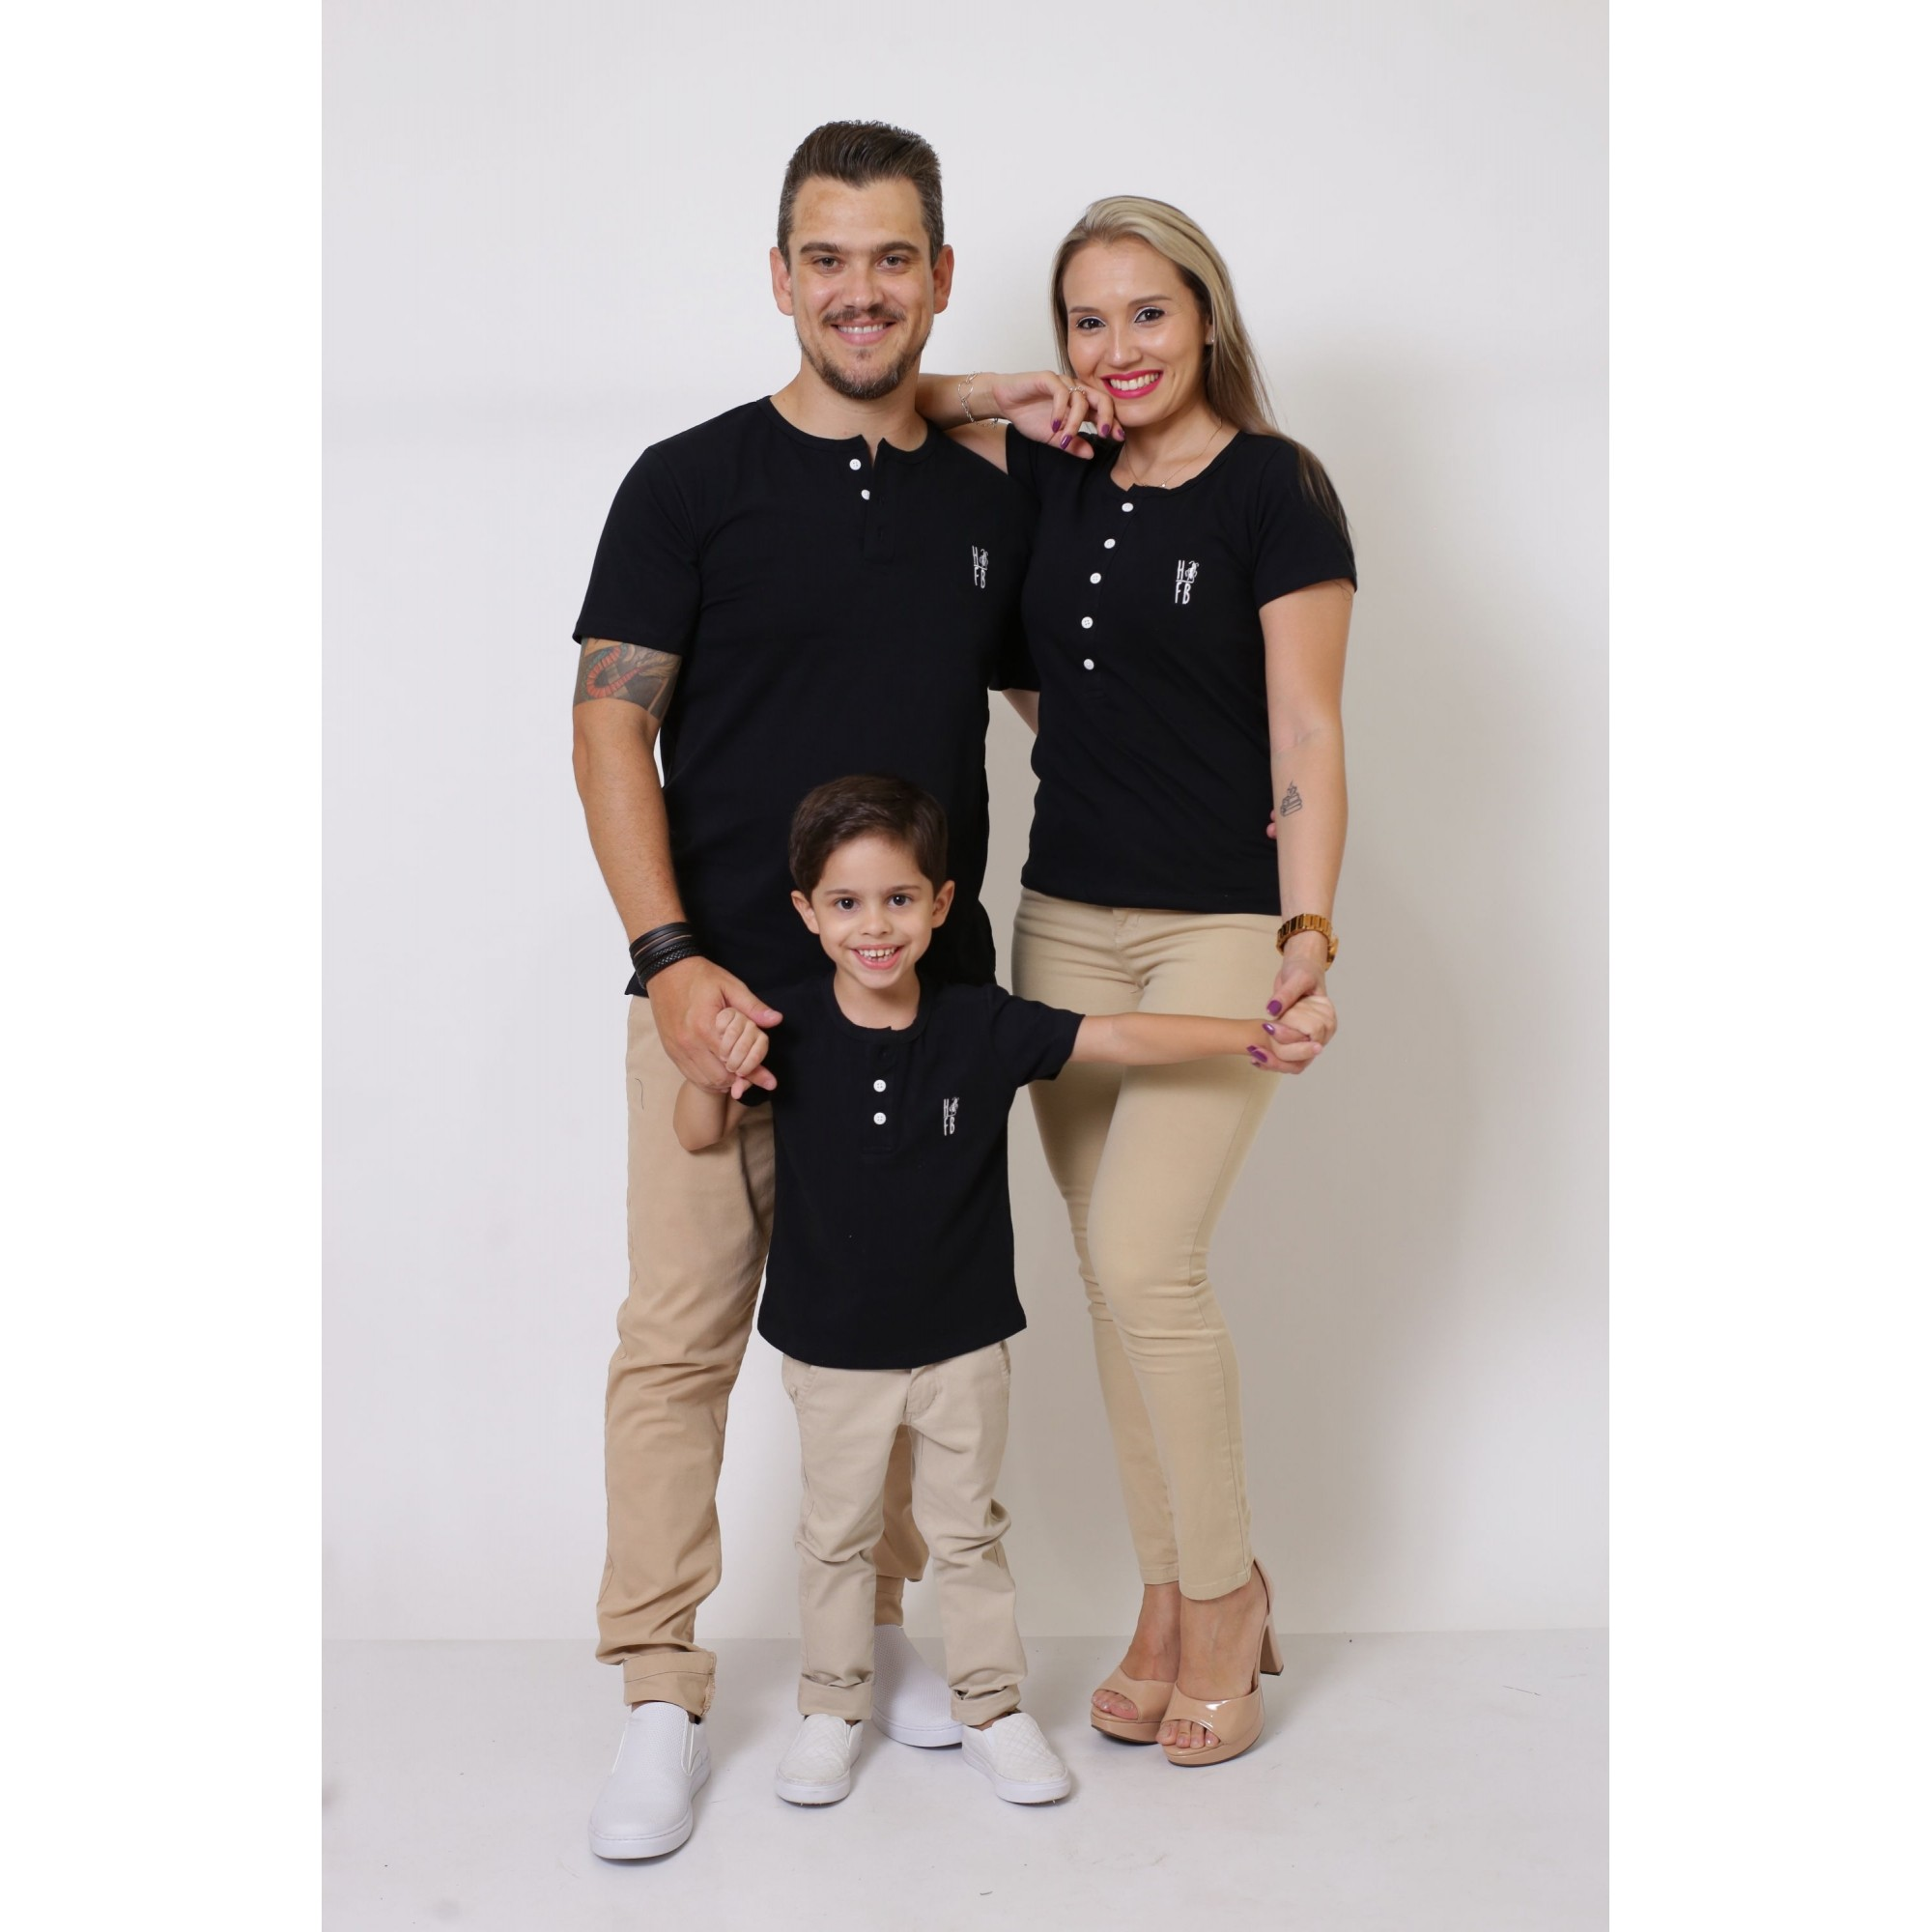 PAIS E FILHOS > Kit 3 Peças T-Shirt ou Body Henley - Preto [Coleção Família]